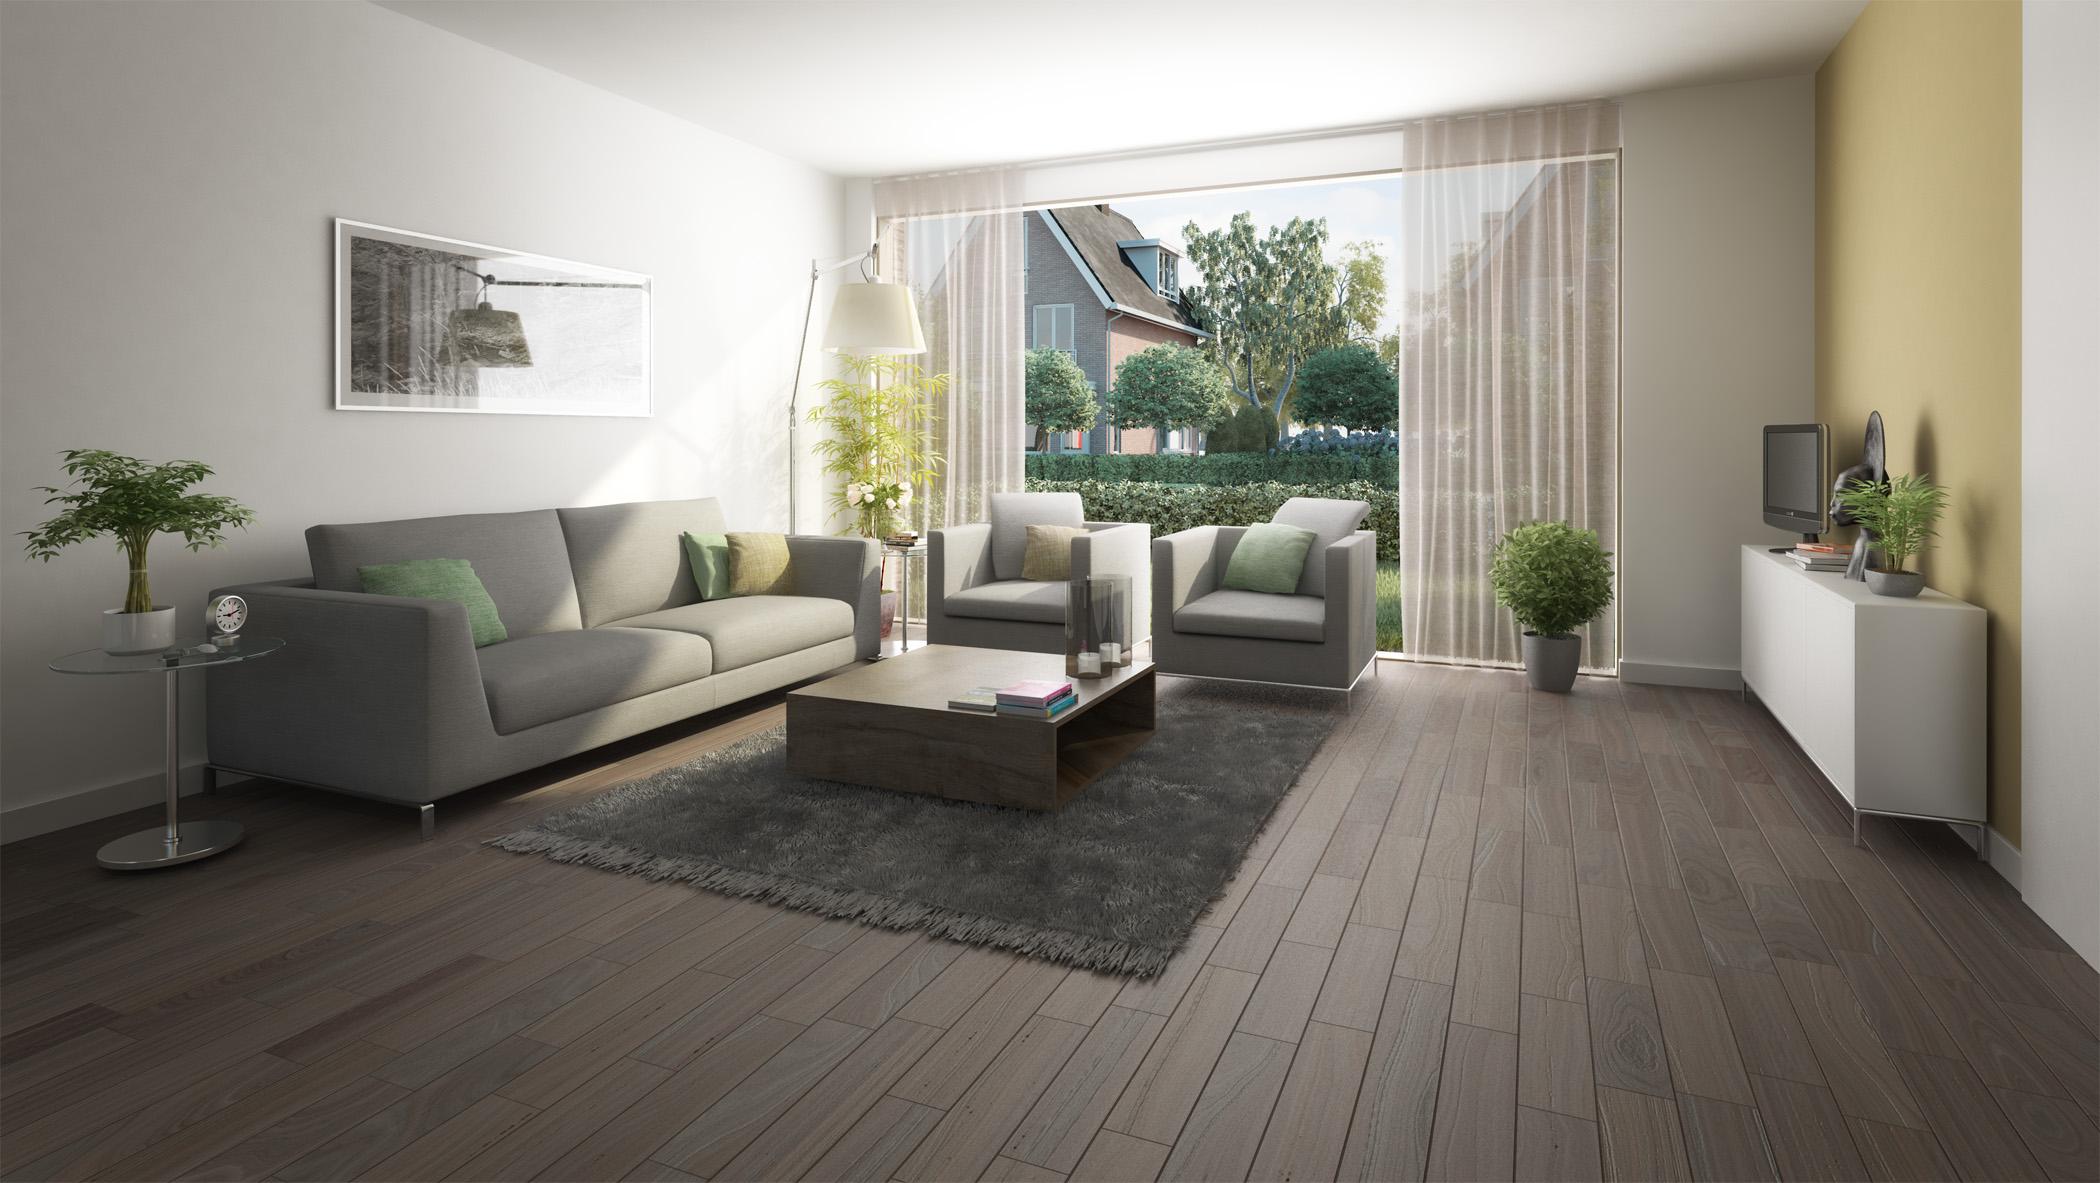 pannenschuur_4-woonkamer-A | 3D Quadraat | Artist impressions | 3D ...